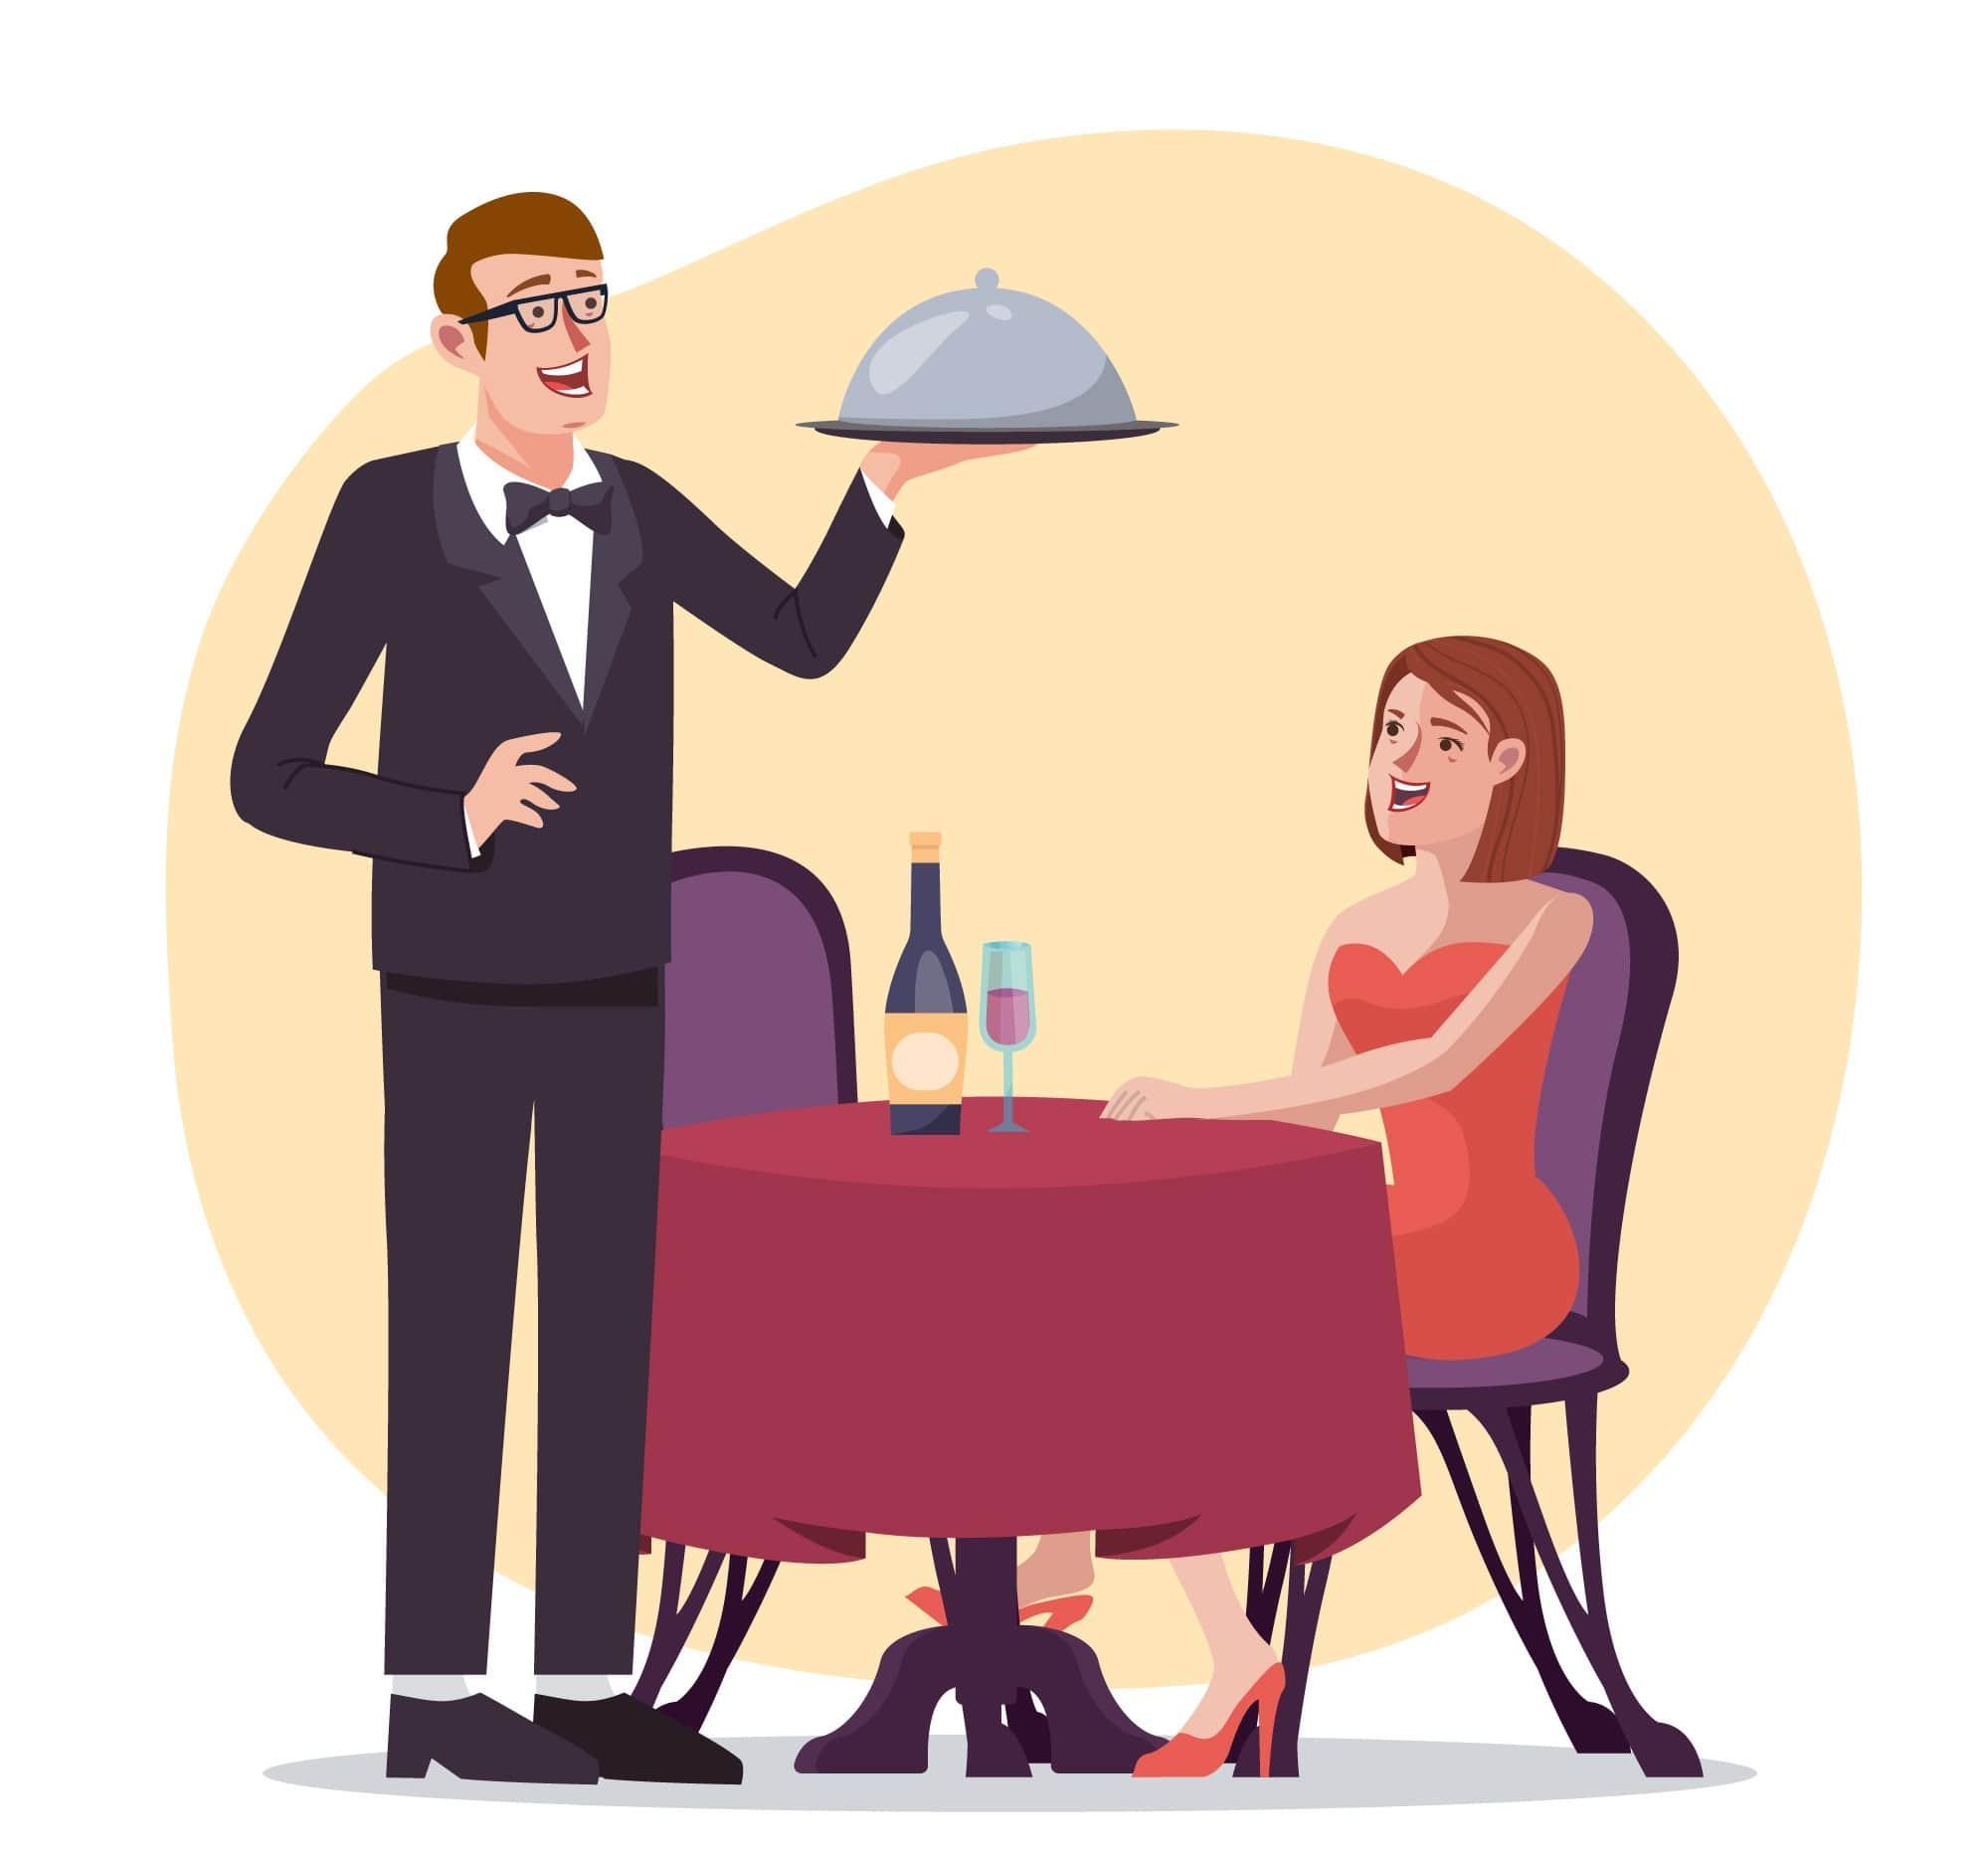 дисконтных освободить презентация в картинках про ресторан приготовить блюдо